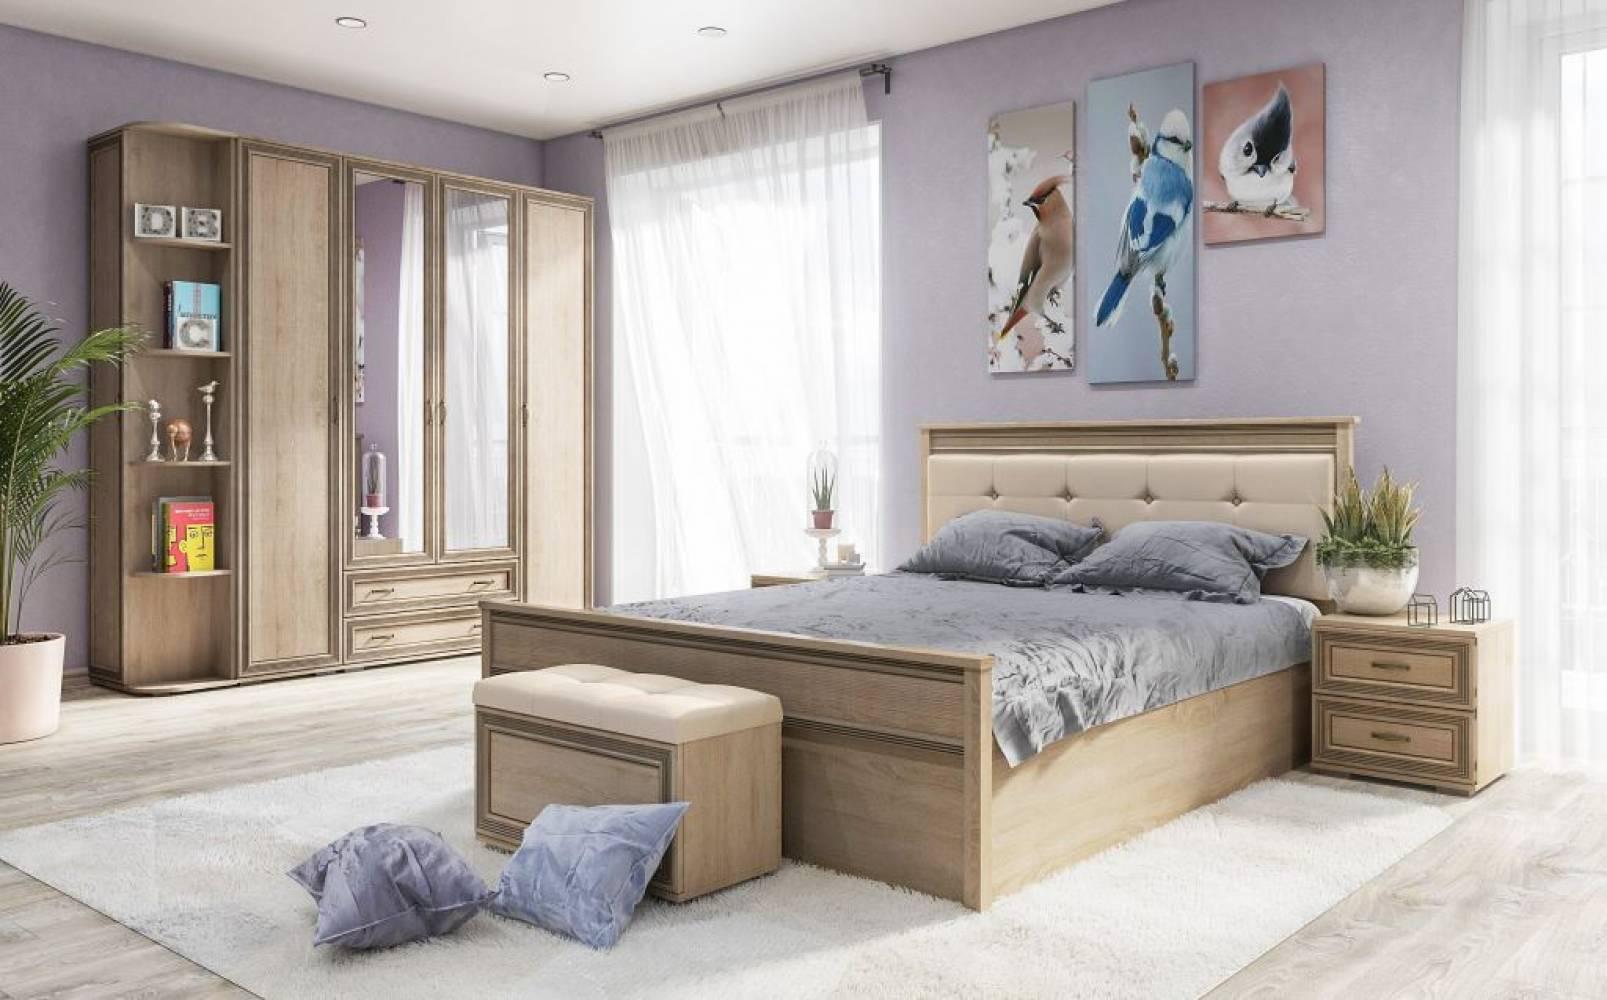 Спальня Ливорно, Дуб сонома, Комплект 1